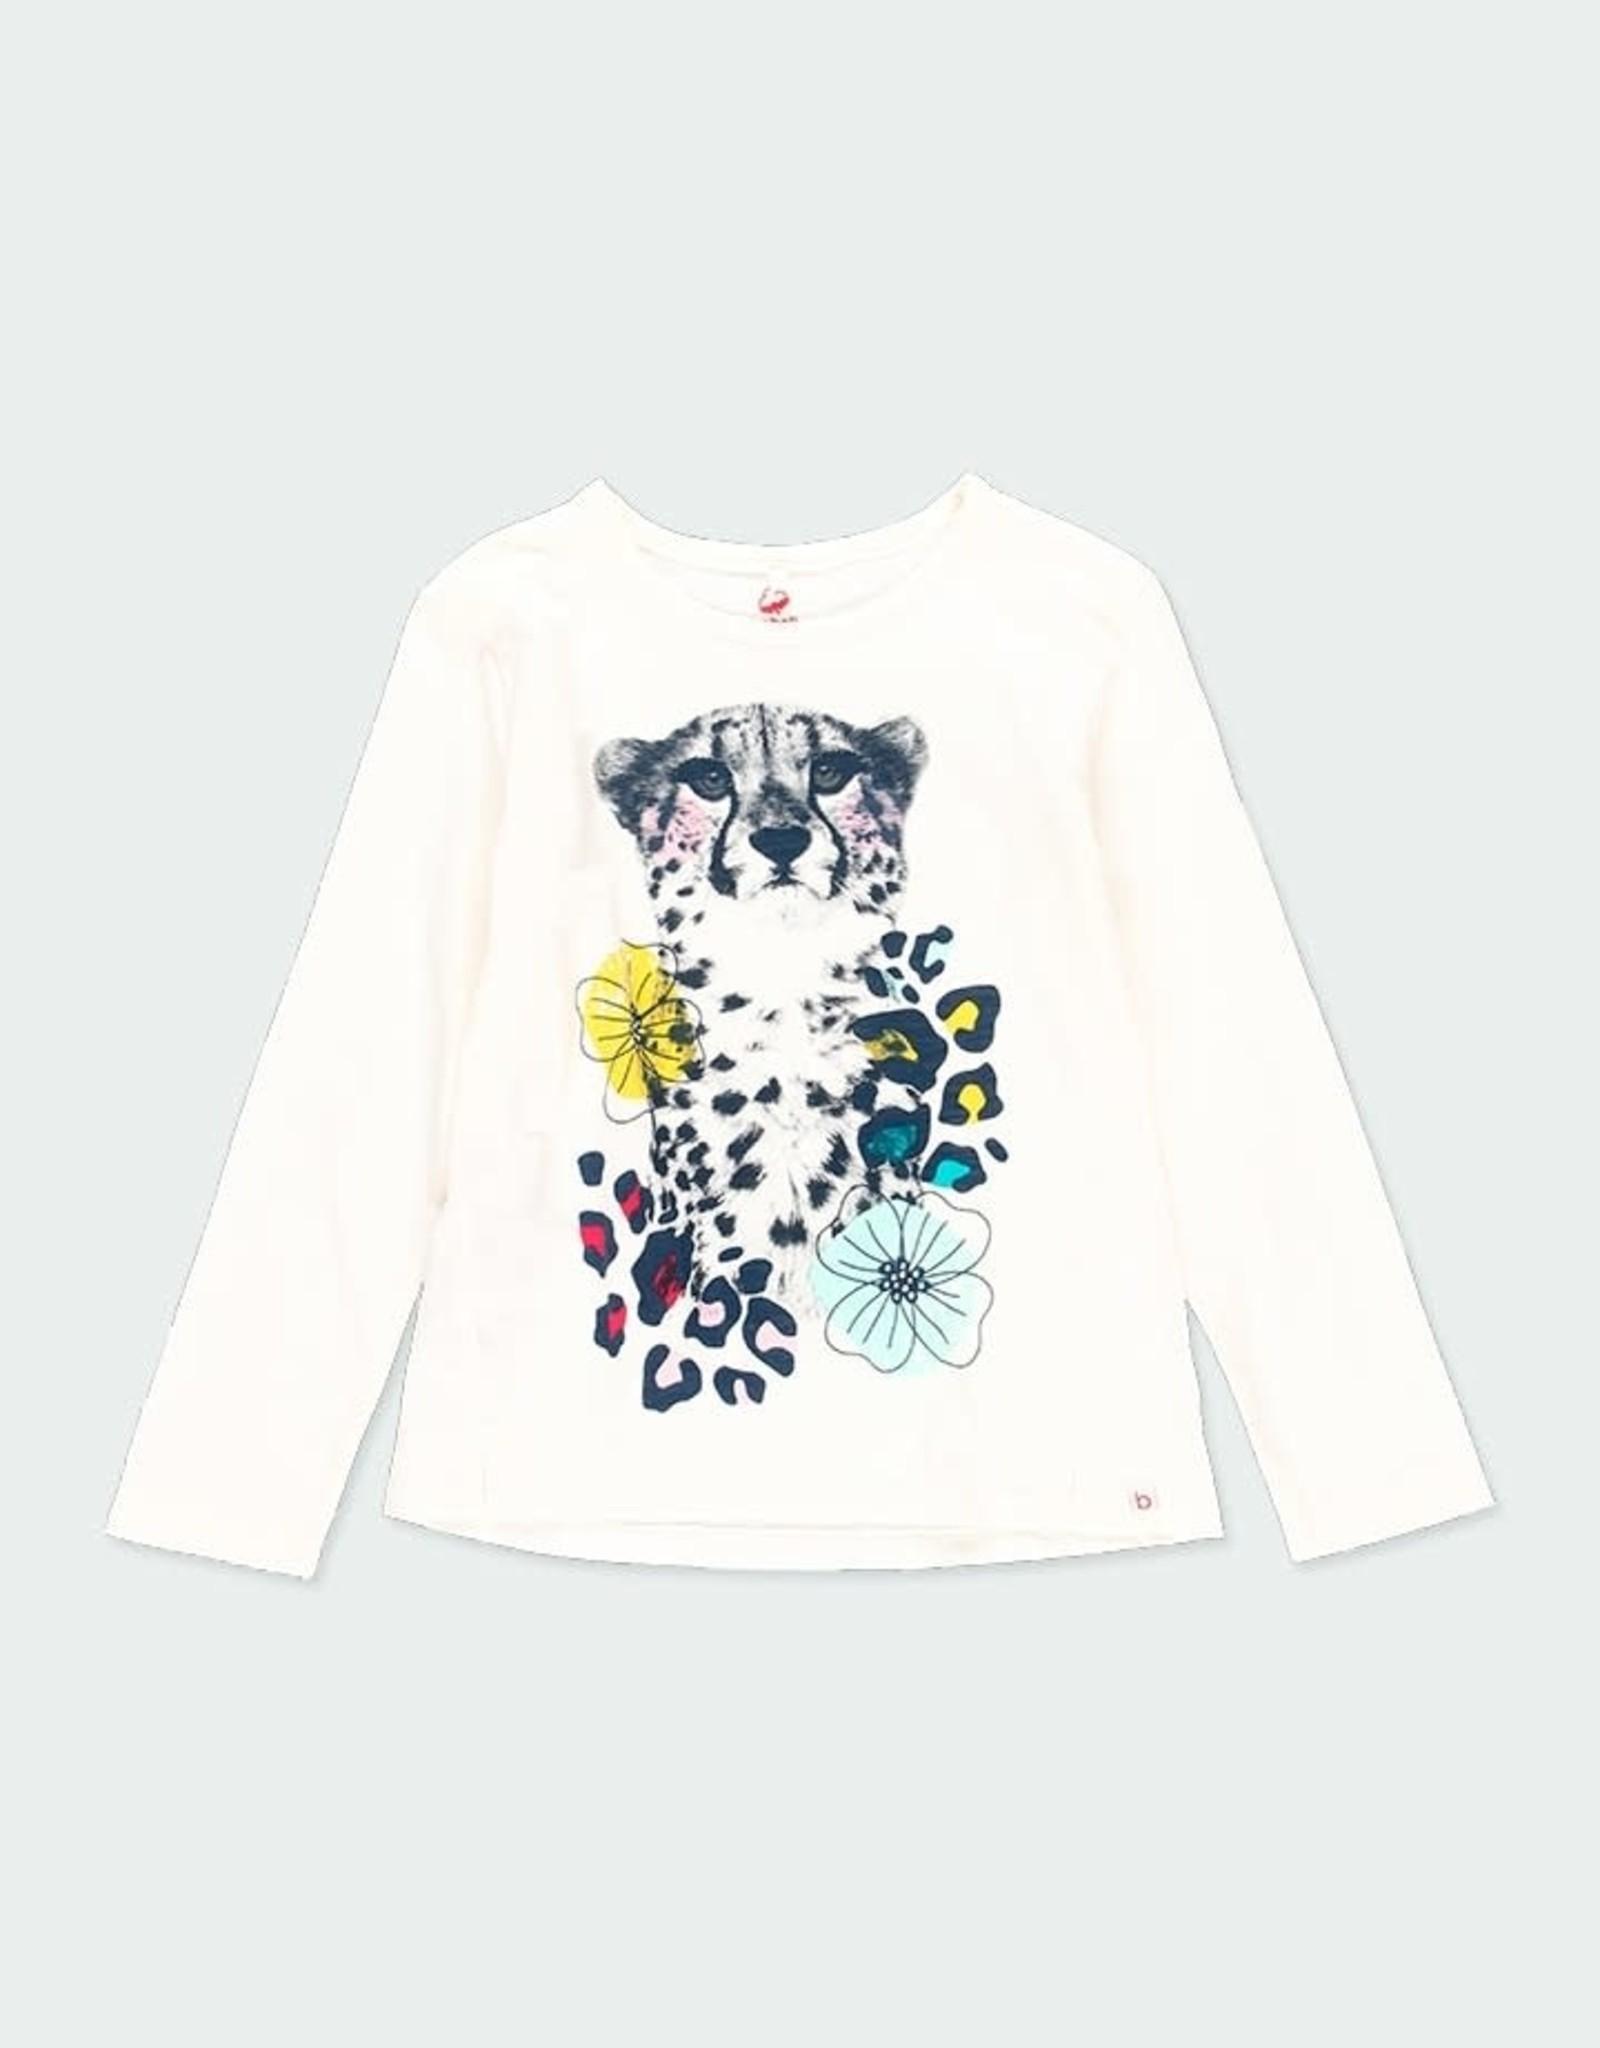 Boboli T-Shirt, Cheetah Graphic